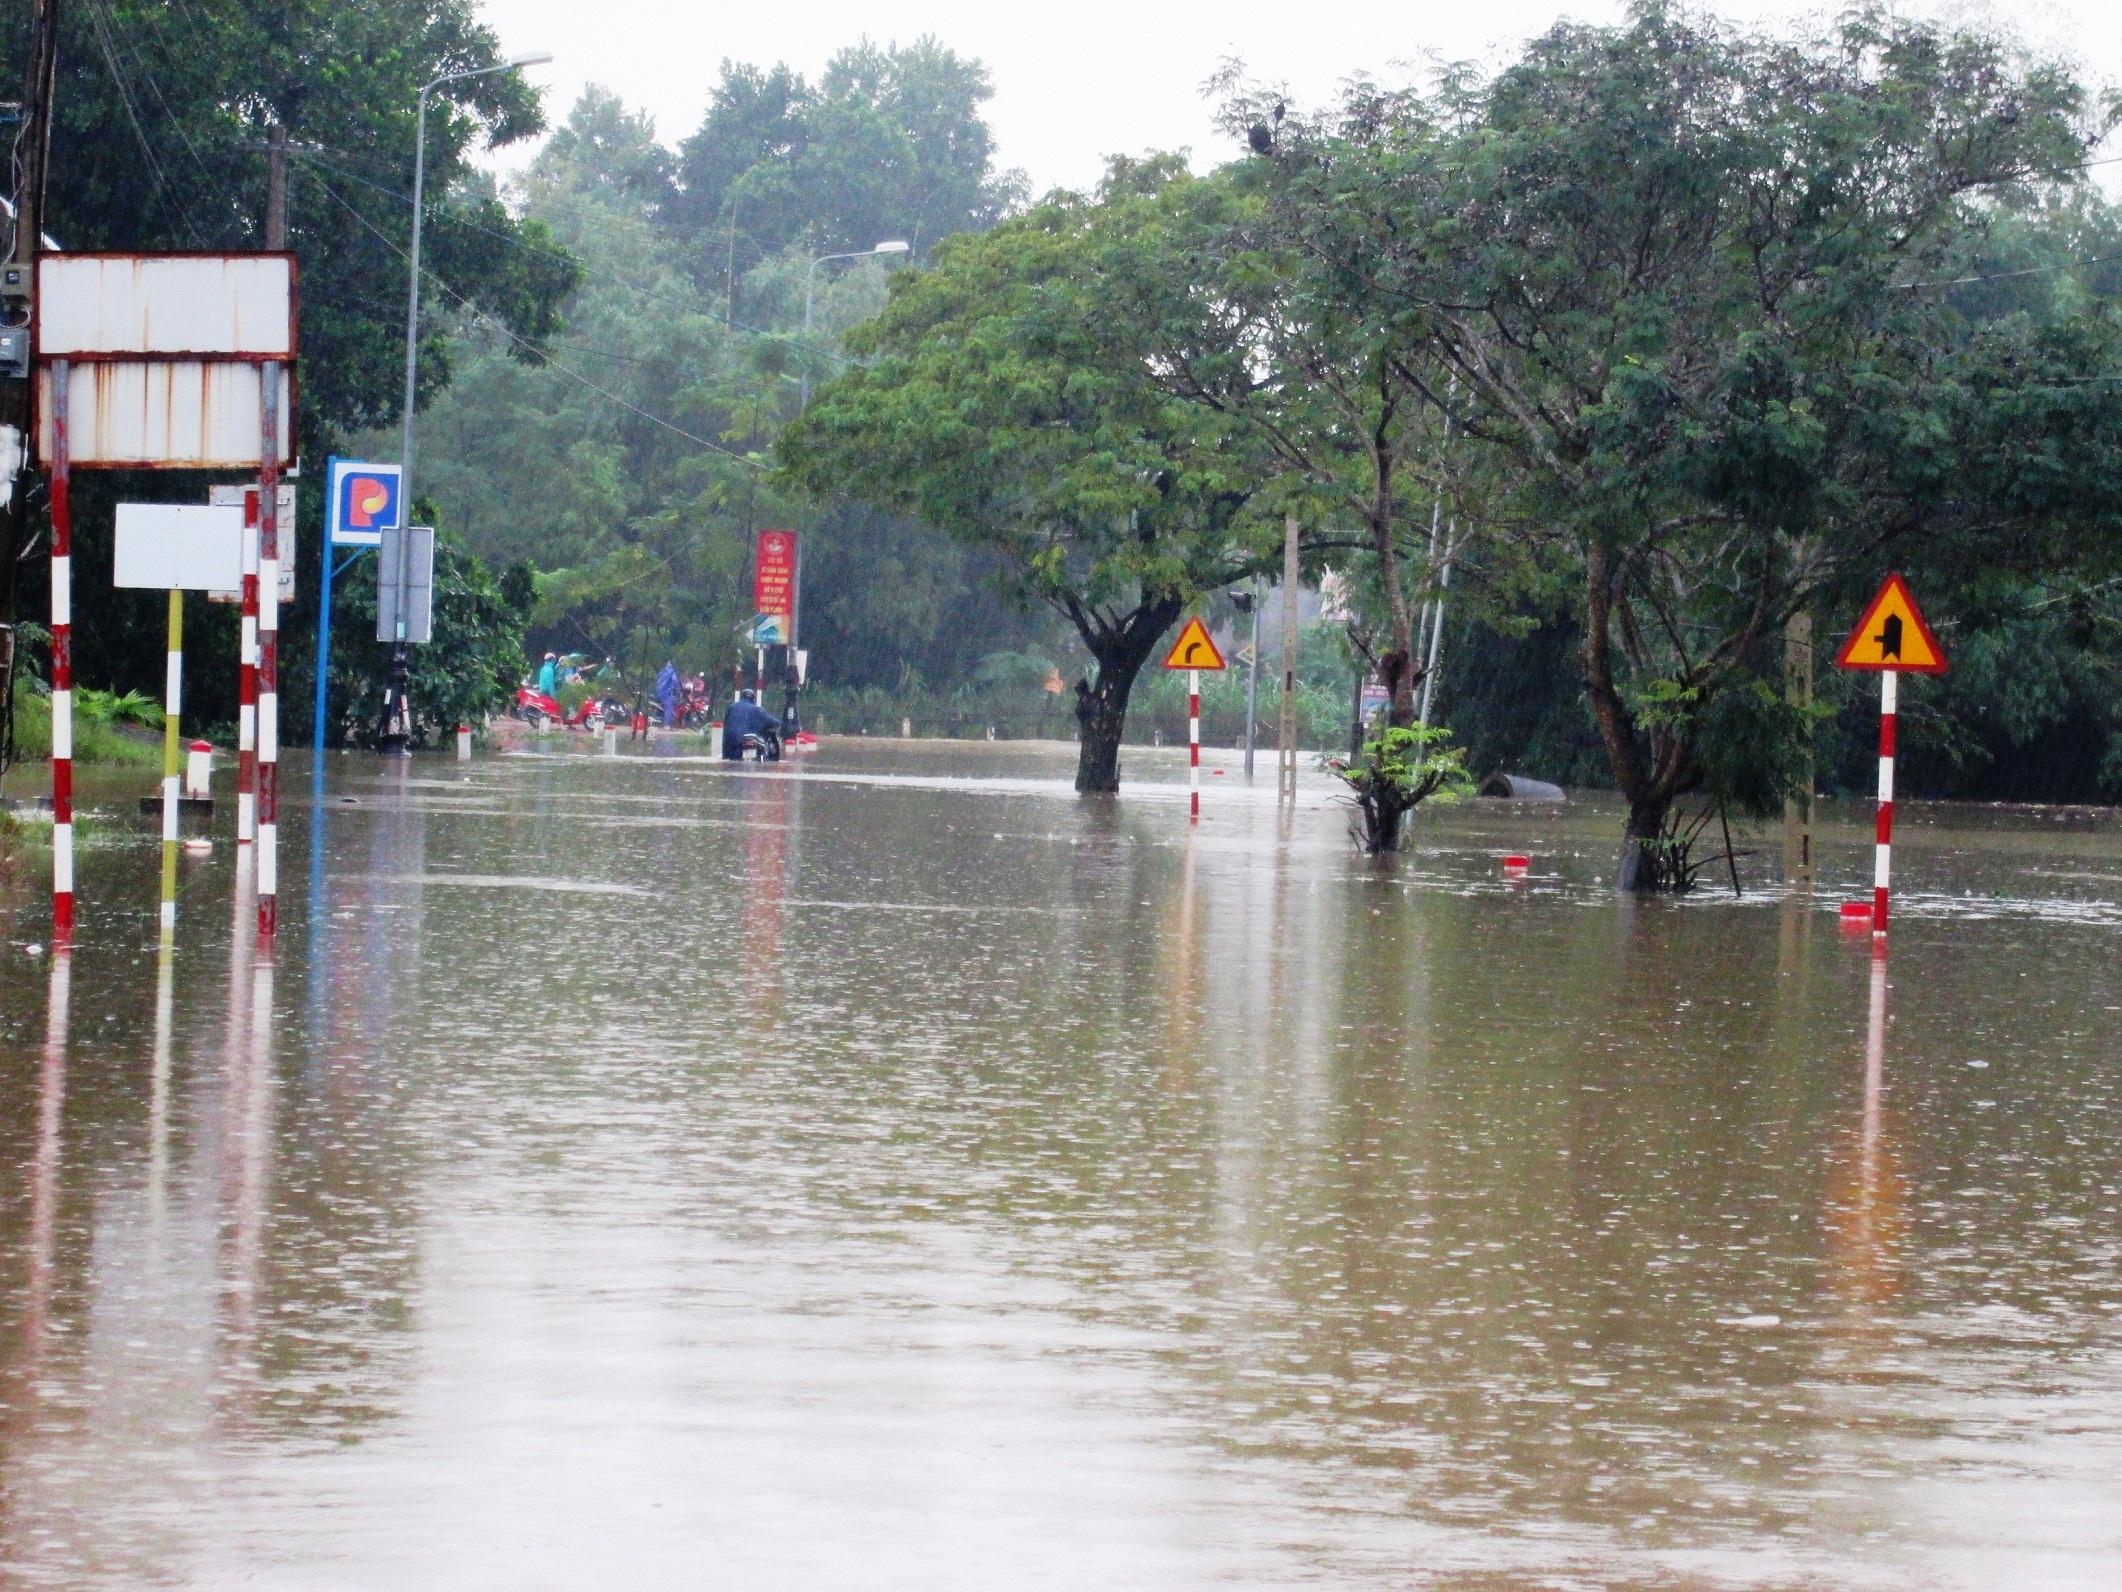 Tuyến quốc lộ 14H đoạn giáp ranh giữa 2 xã Duy Sơn - Duy Trinh bị ngập.